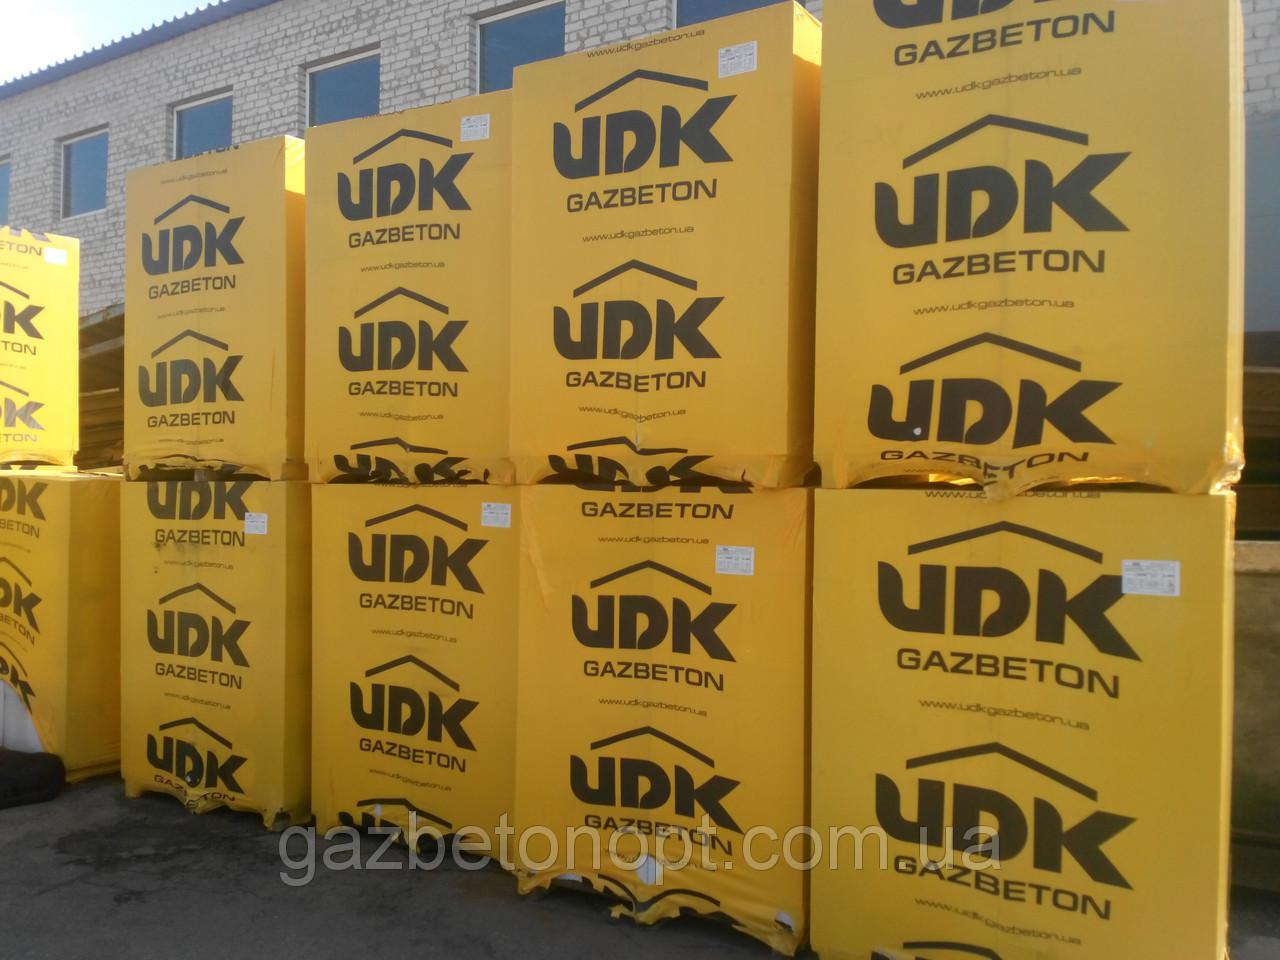 Газобетон, Газоблок, Газобетонные блоки ЮДК (UDK) 600*500*200 D400 - Материалы для строительства и отделки стен в Харькове